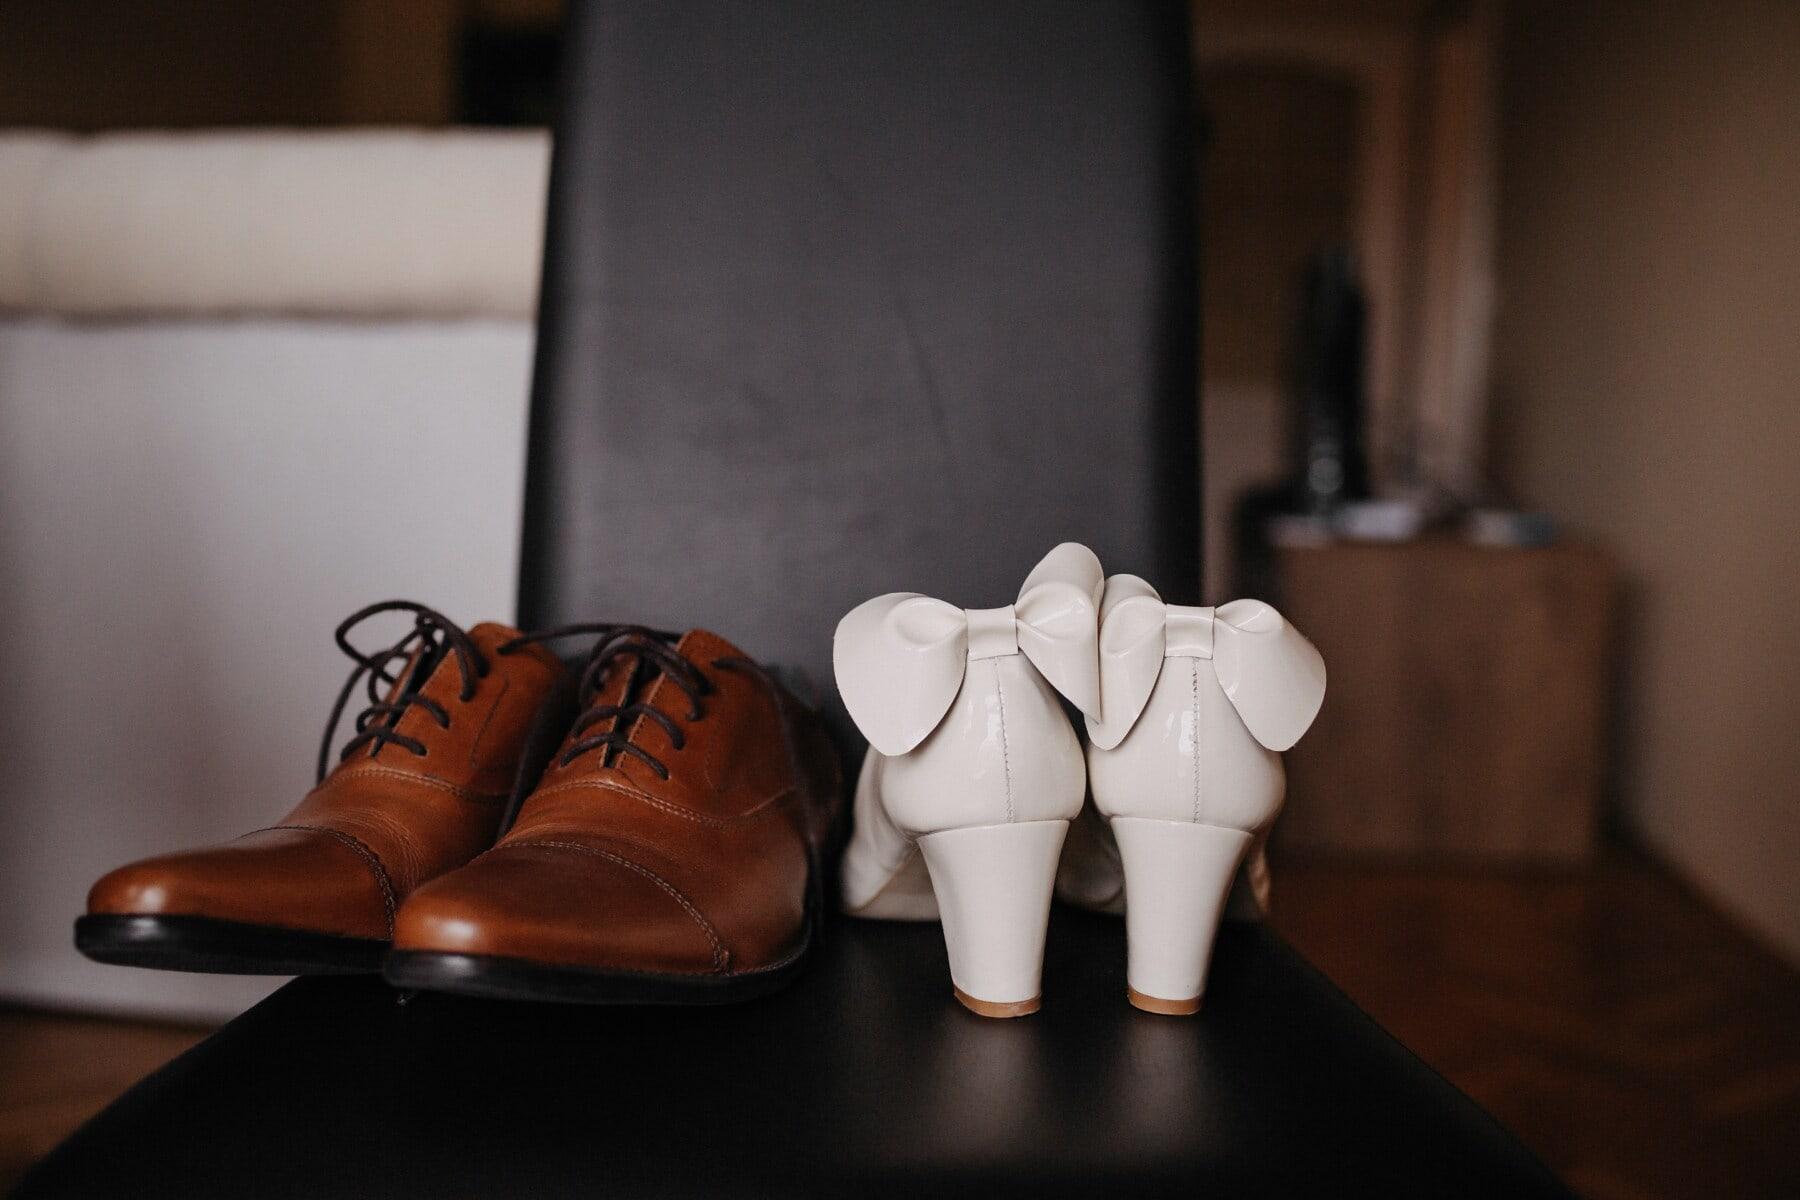 klasično, elegantan, sandale, cipele, koža, obuća, par, povremeni, cipela, mrtva priroda